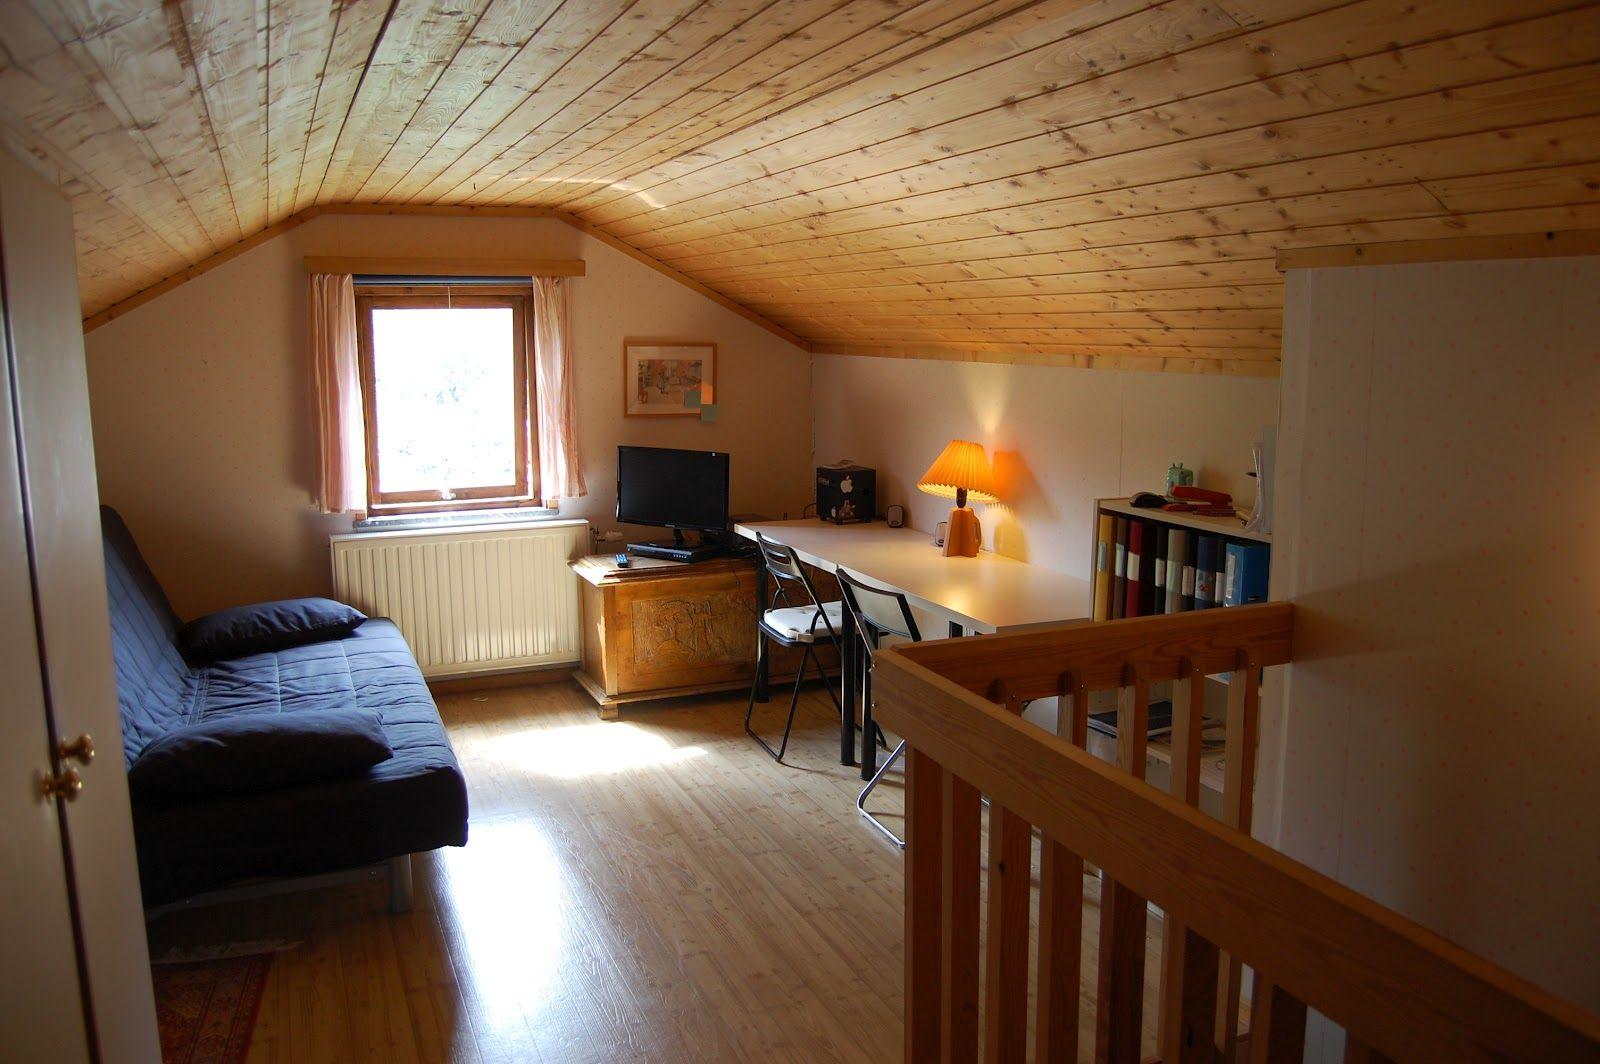 Small Cozy Finished Attic Attic Bedroom Kids Attic